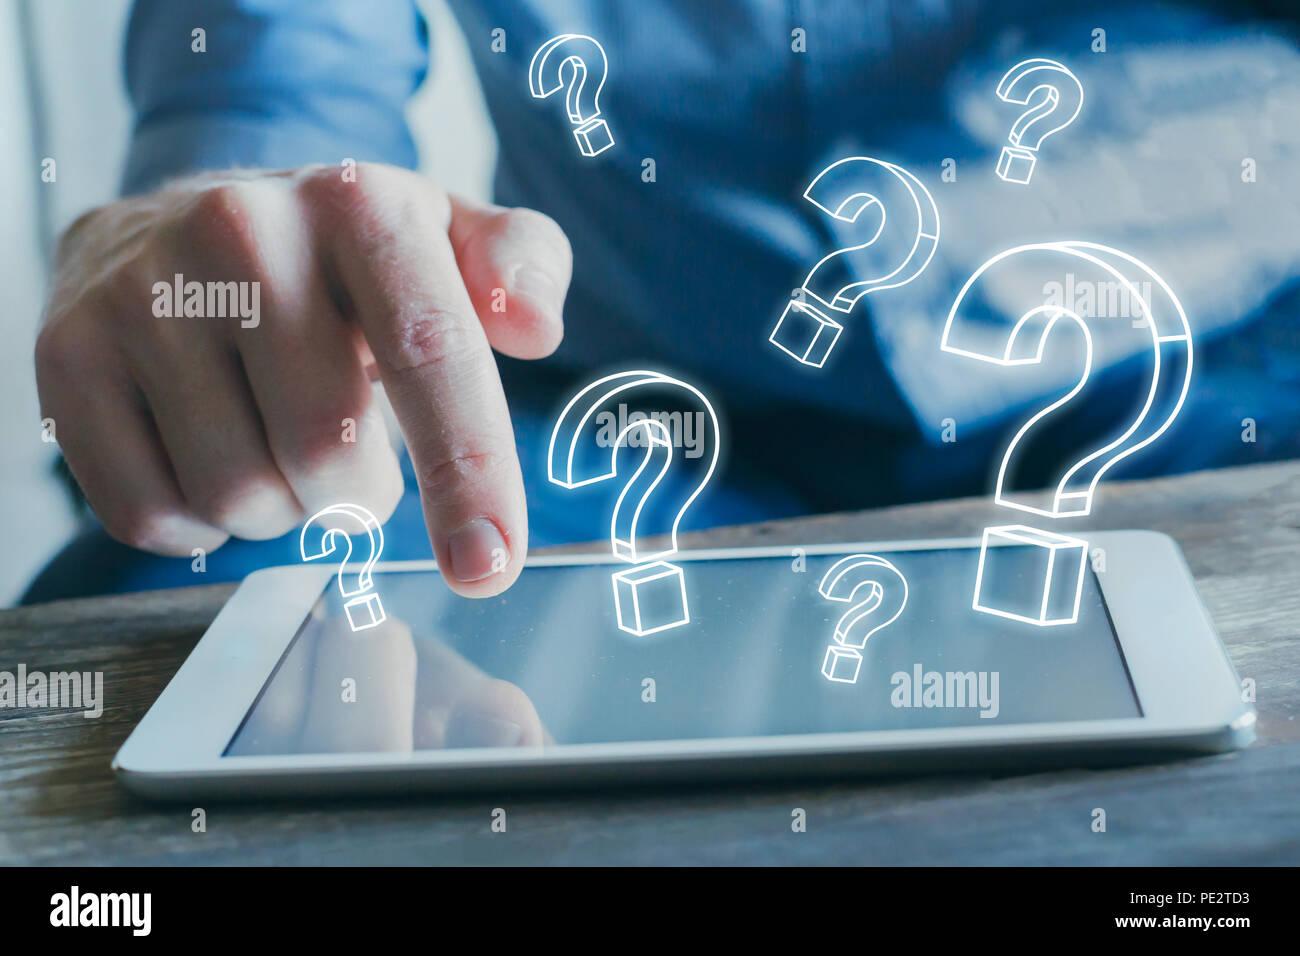 Muchas marcas quiestion desde la pantalla del tablet PC, encontrar respuesta en línea, preguntas frecuentes concepto, qué dónde, cuándo, cómo y por qué, buscar información en internet Imagen De Stock